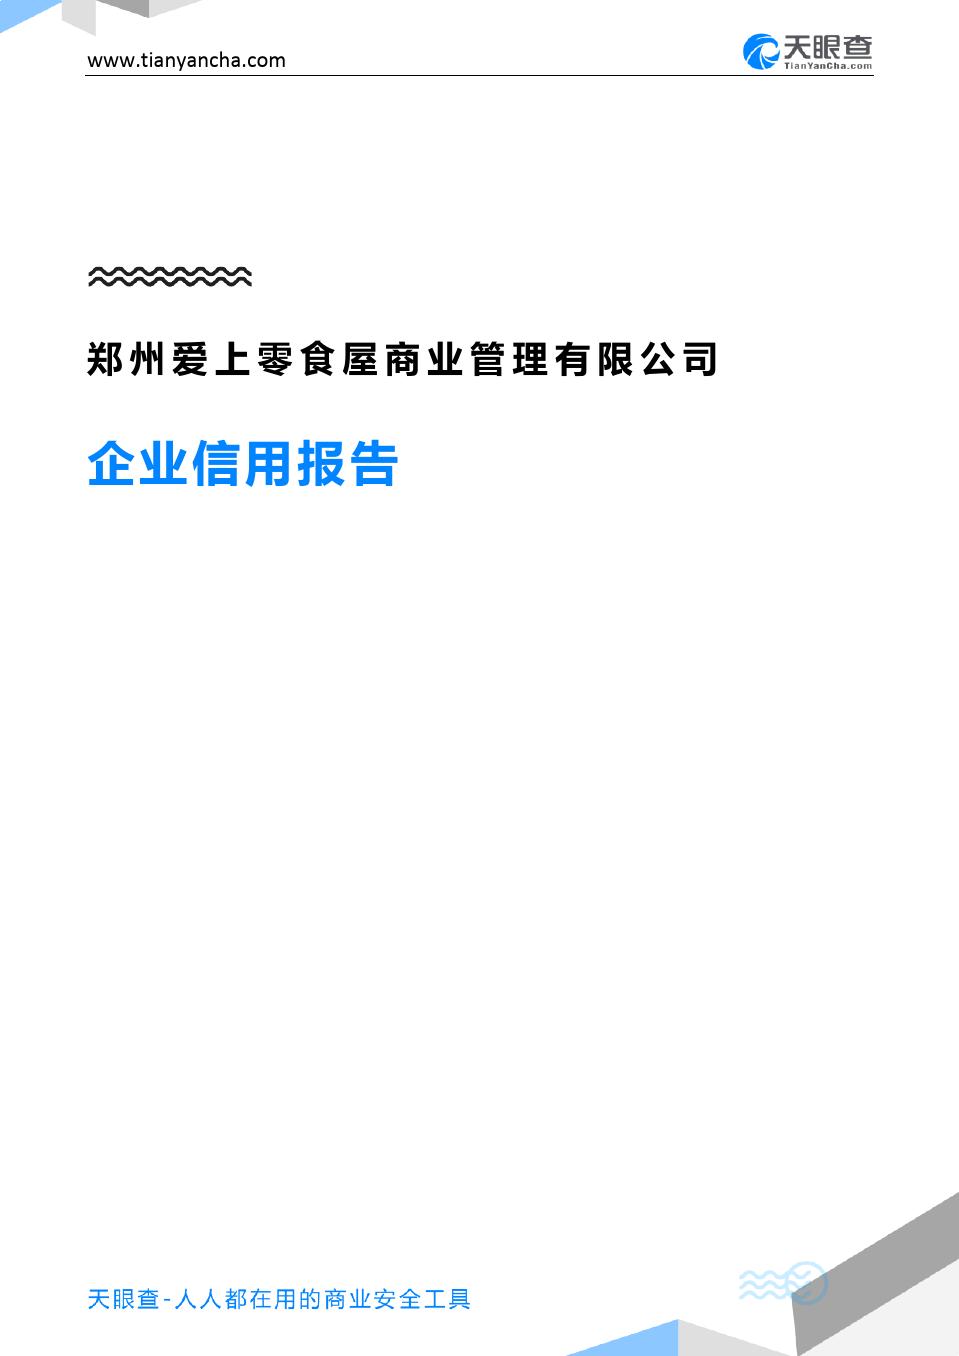 郑州爱上零食屋商业管理有限公司(企业信用报告)- 天眼查